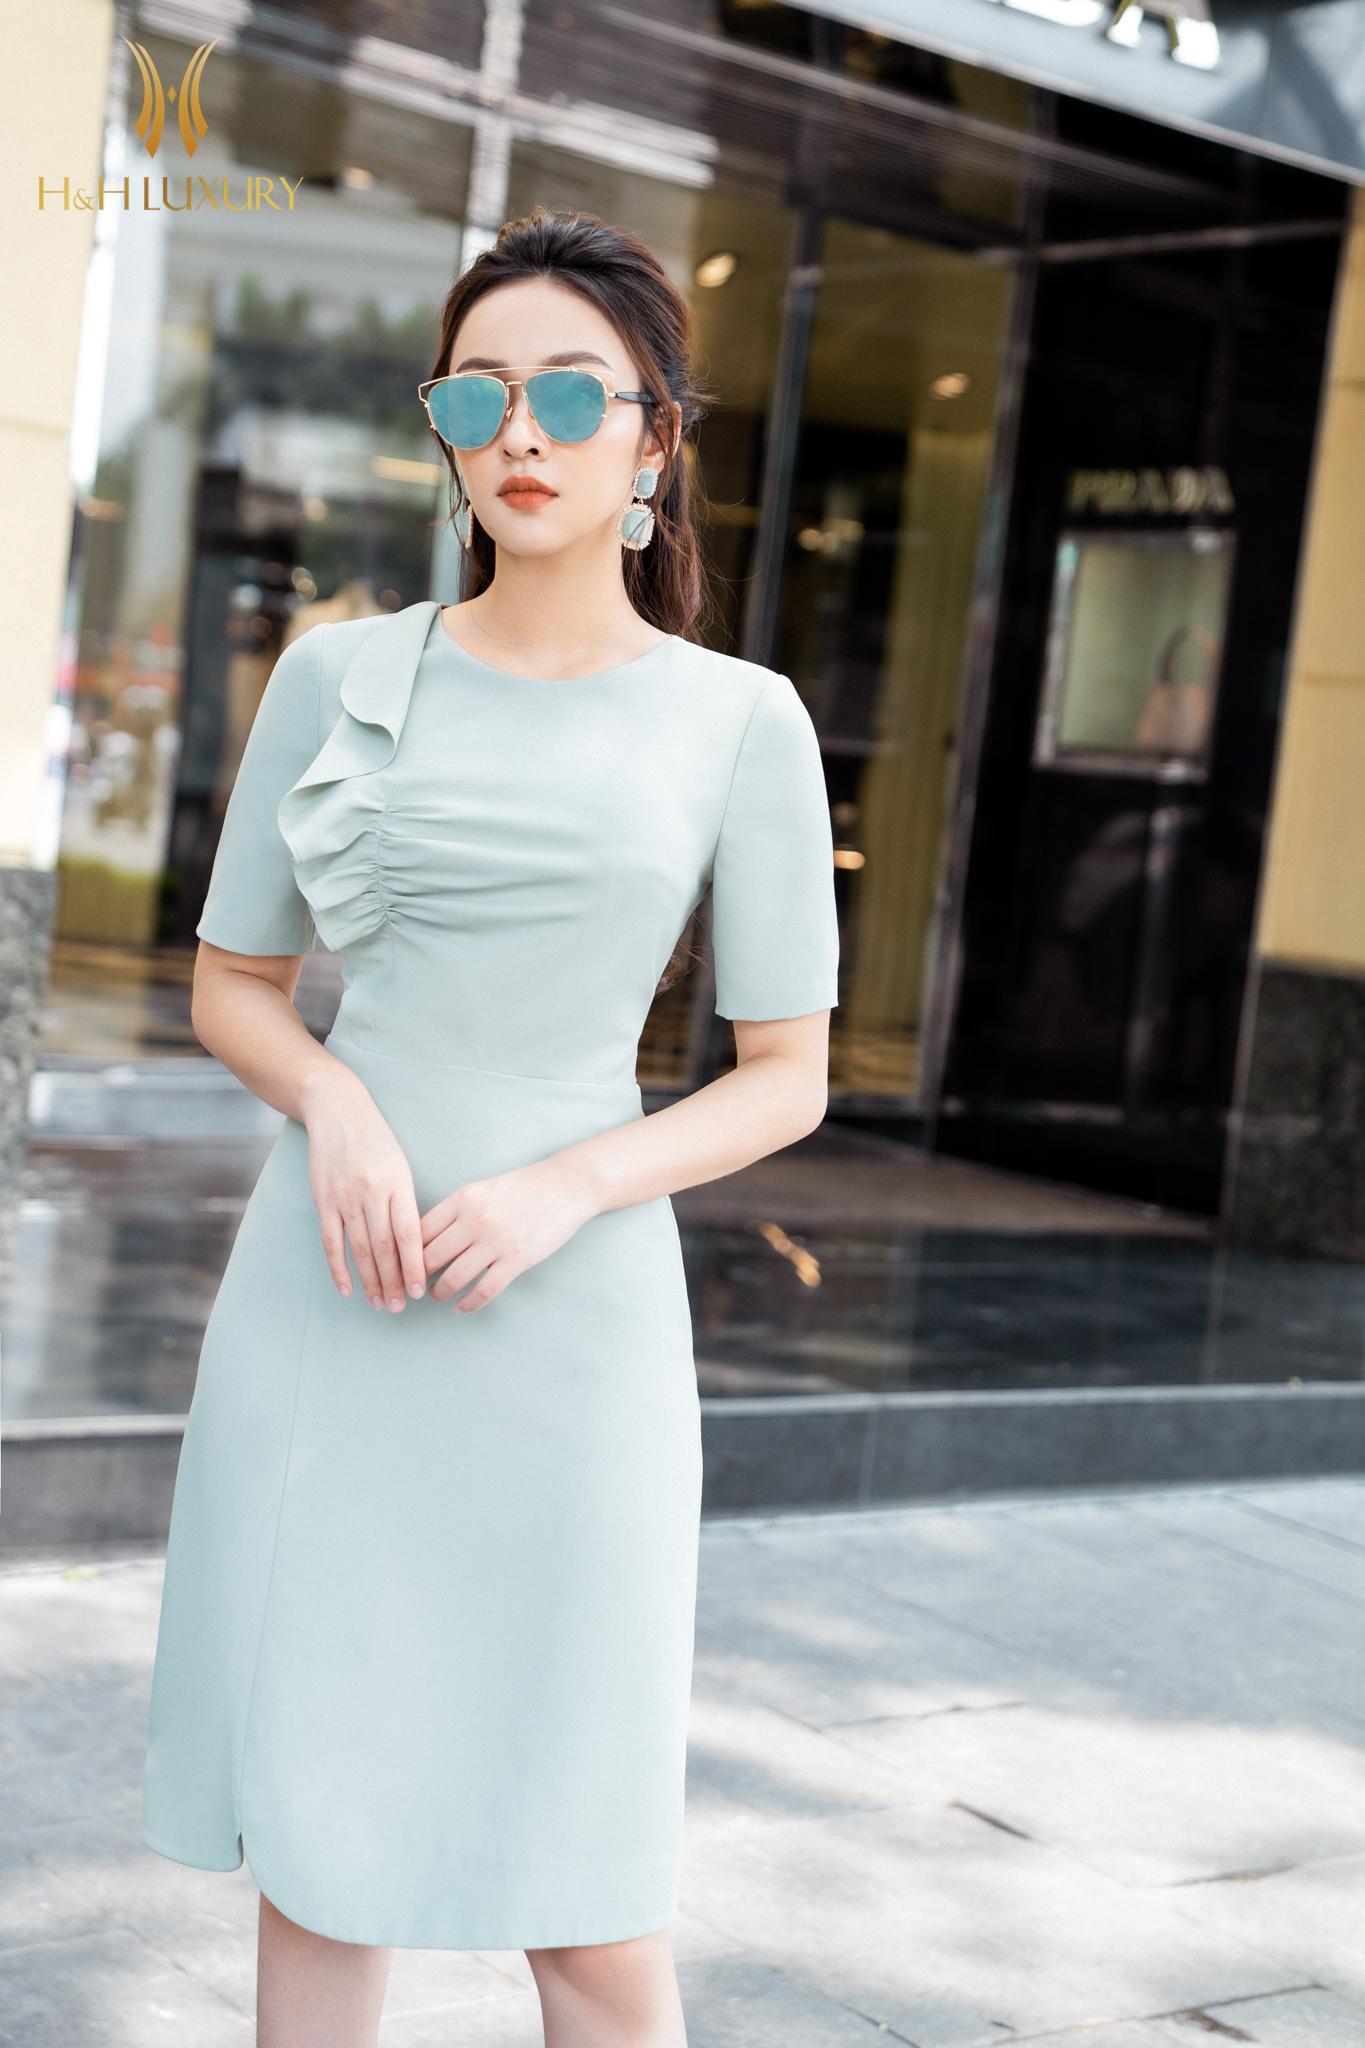 Shop váy đẹp - cách tốt nhất để bạn có được những sản phẩm chất lượng nâng cấp bản thân mình